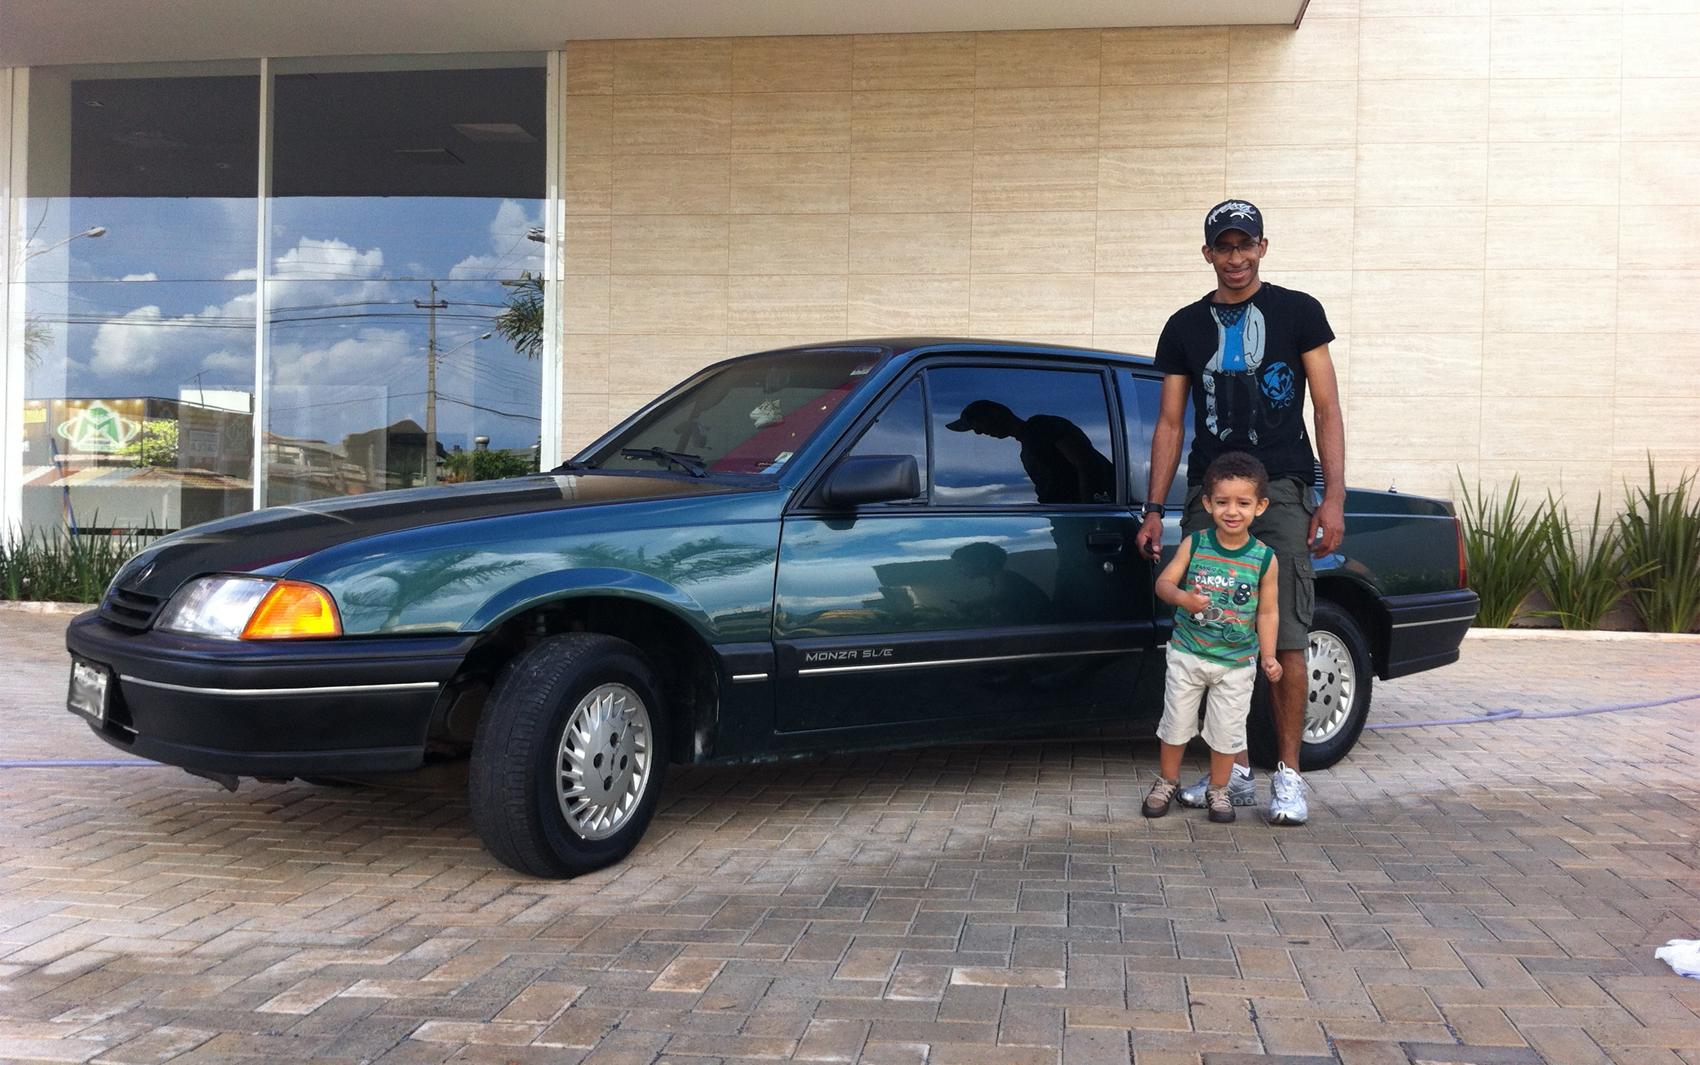 Internauta Júnior Soares, de Águas Lindas de Goiás (GO) enviou a foto de seu Chevrolet Monza 1991